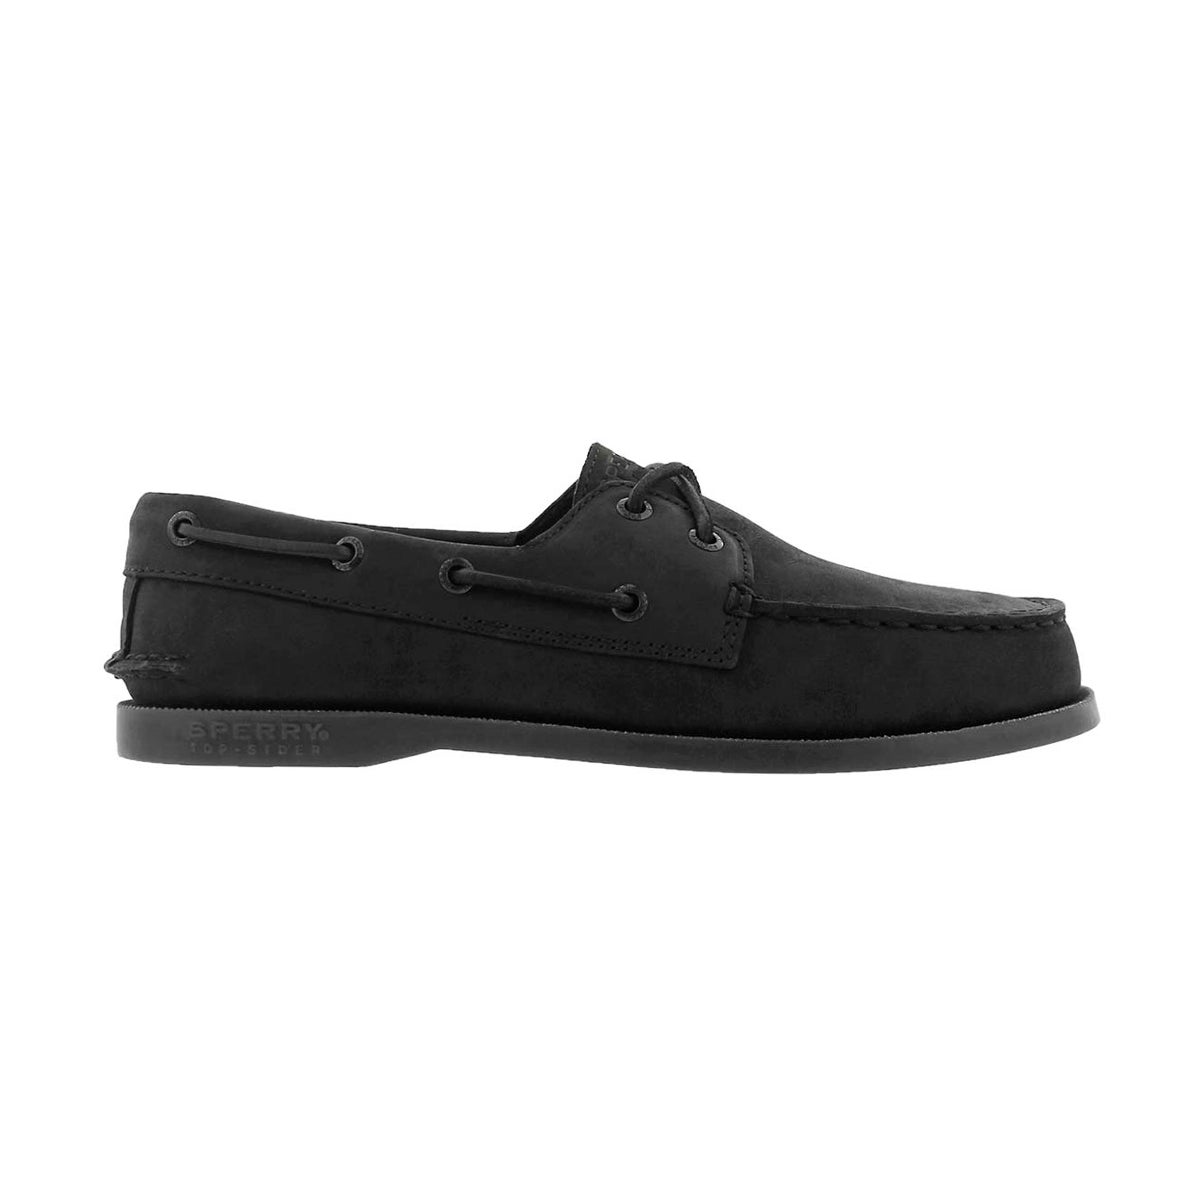 Bys A/O black nubuck boat shoe